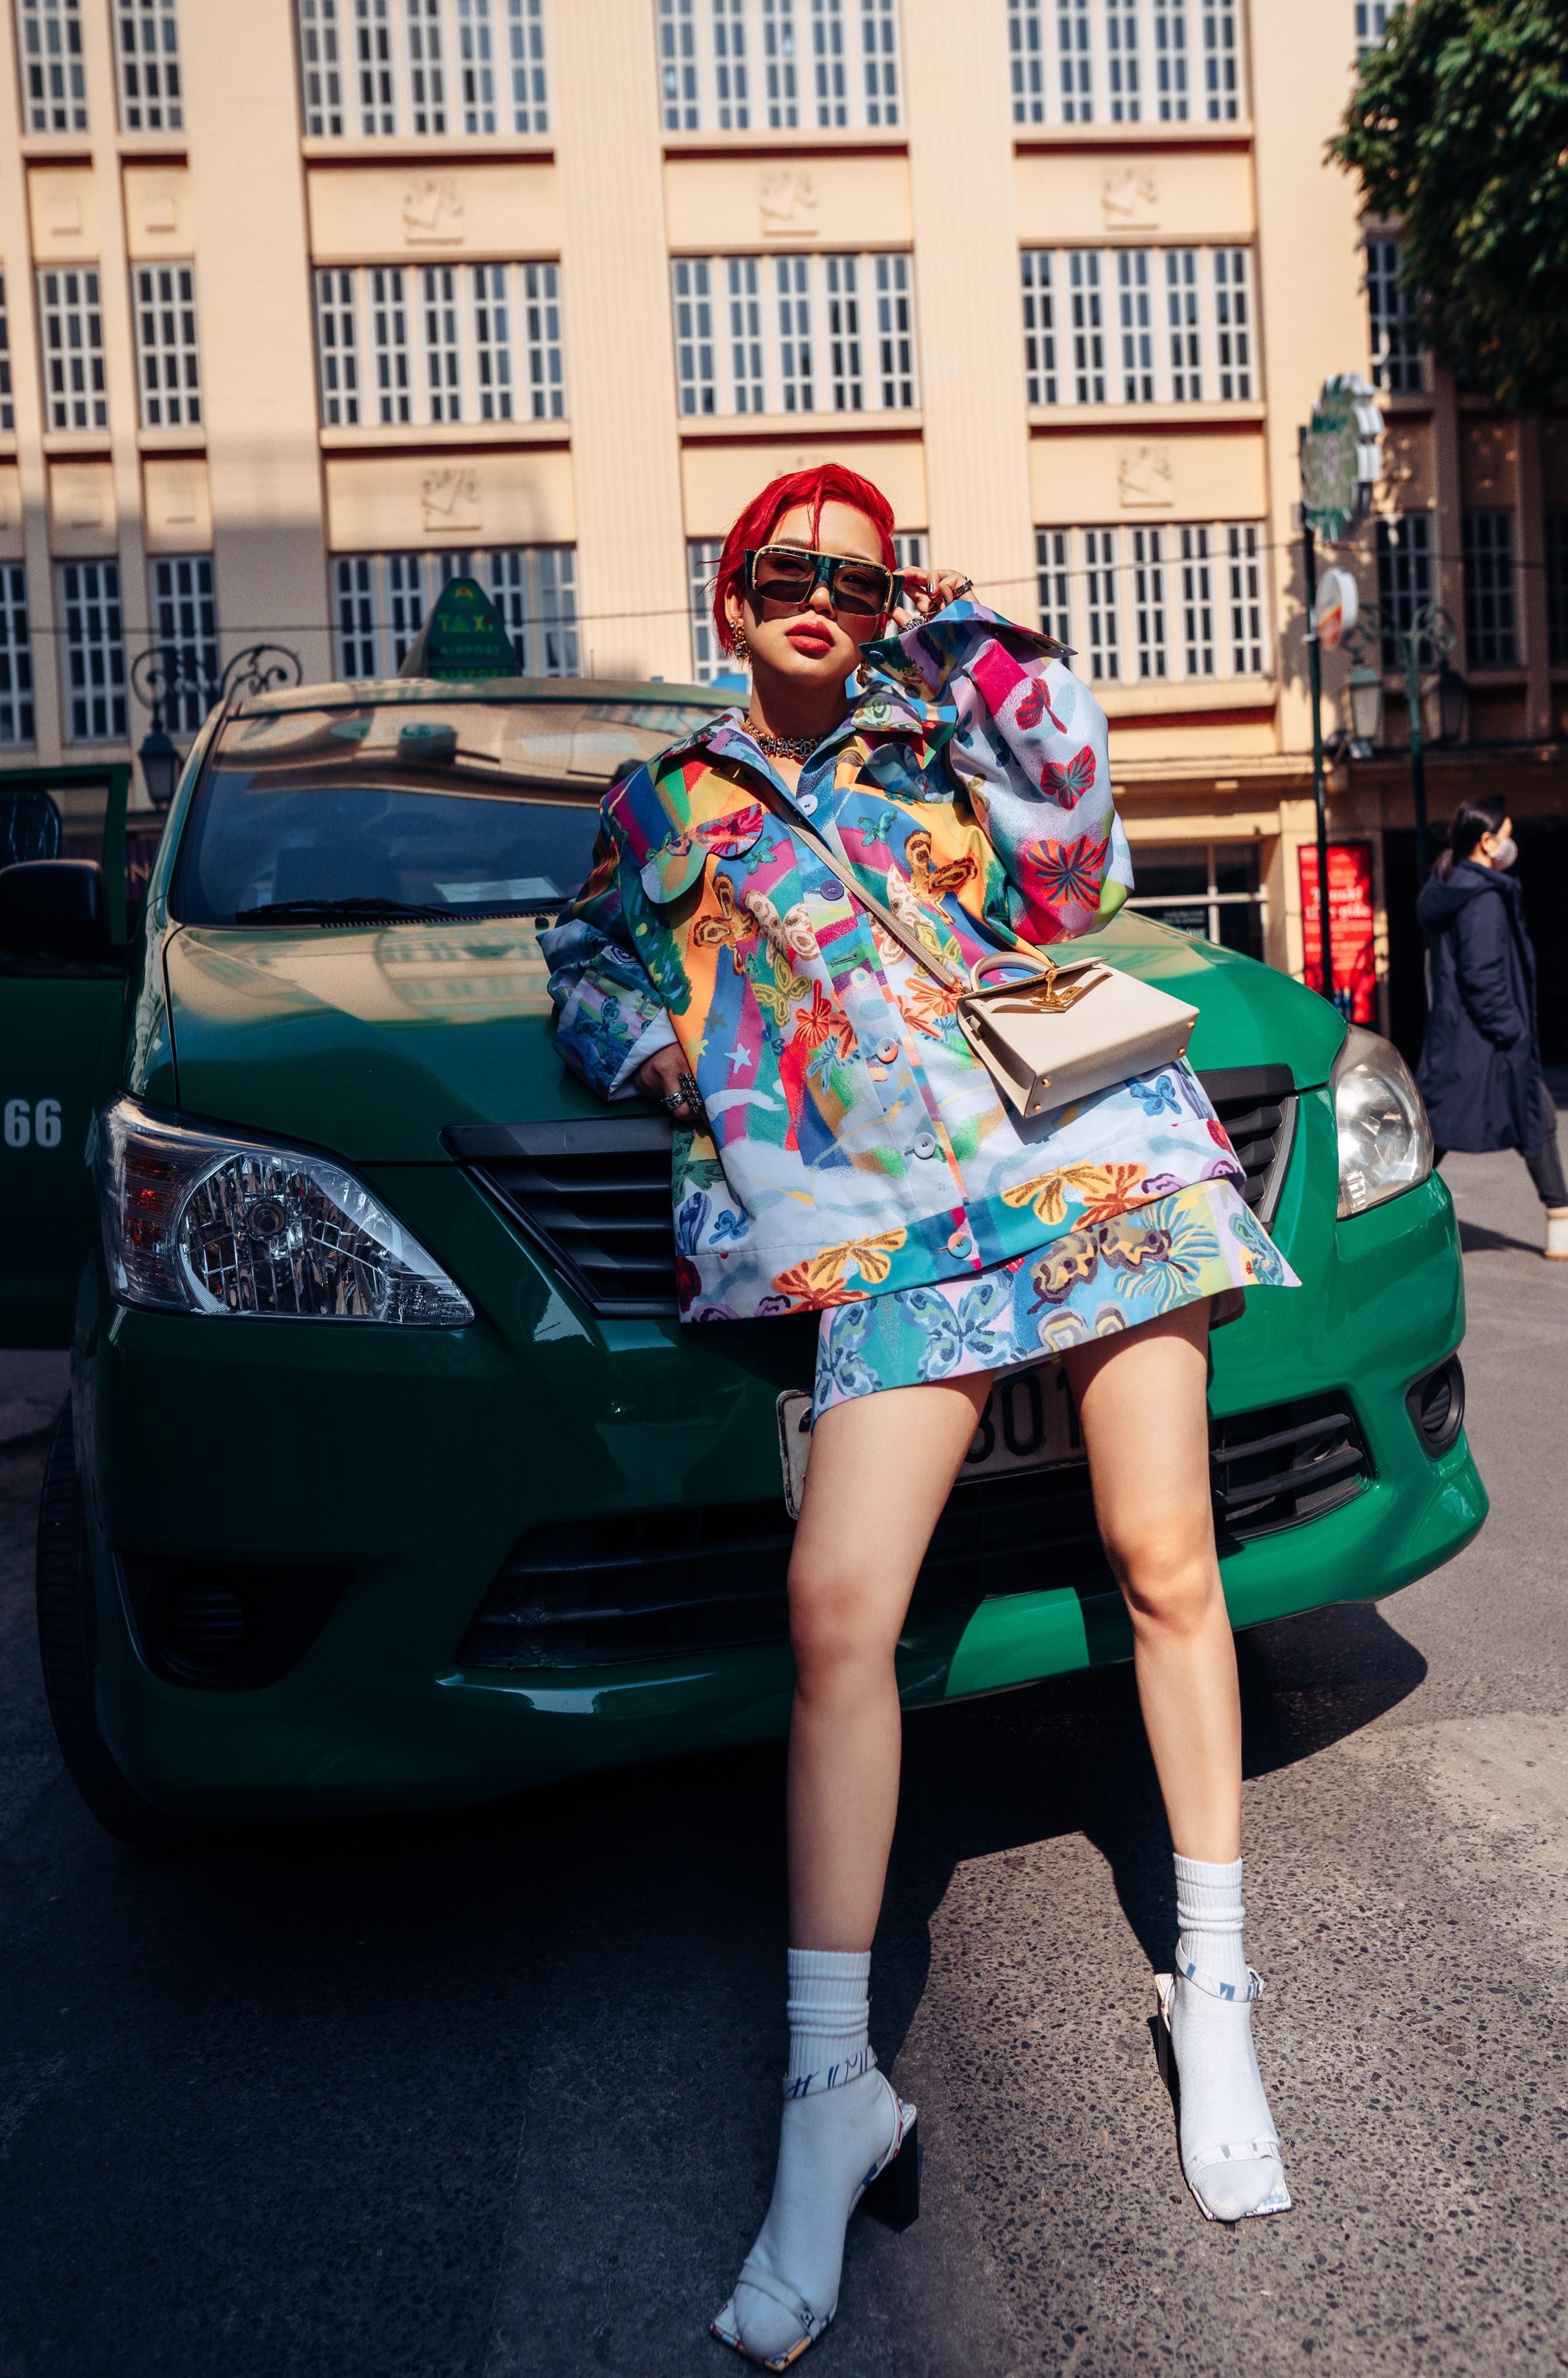 NTK cùng đội ngũ đang triển khai kế hoạch để đưa tên tuổi của brand thời trang Việt Nam ra đấu trường thời trang quốc tế